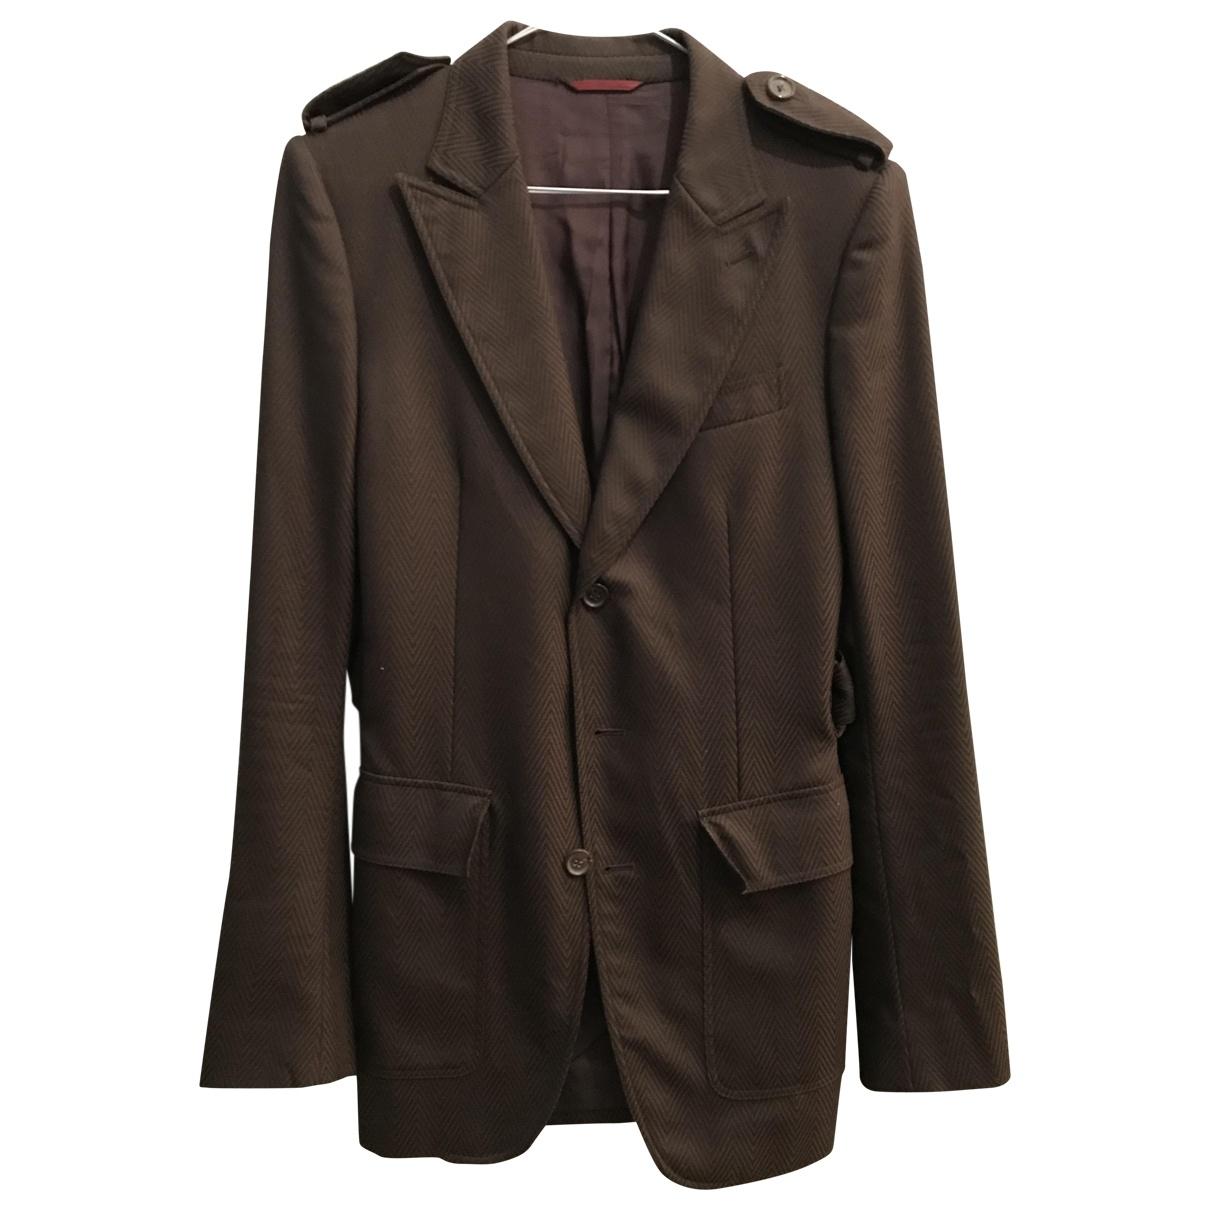 Burberry - Vestes.Blousons   pour homme en laine - marron